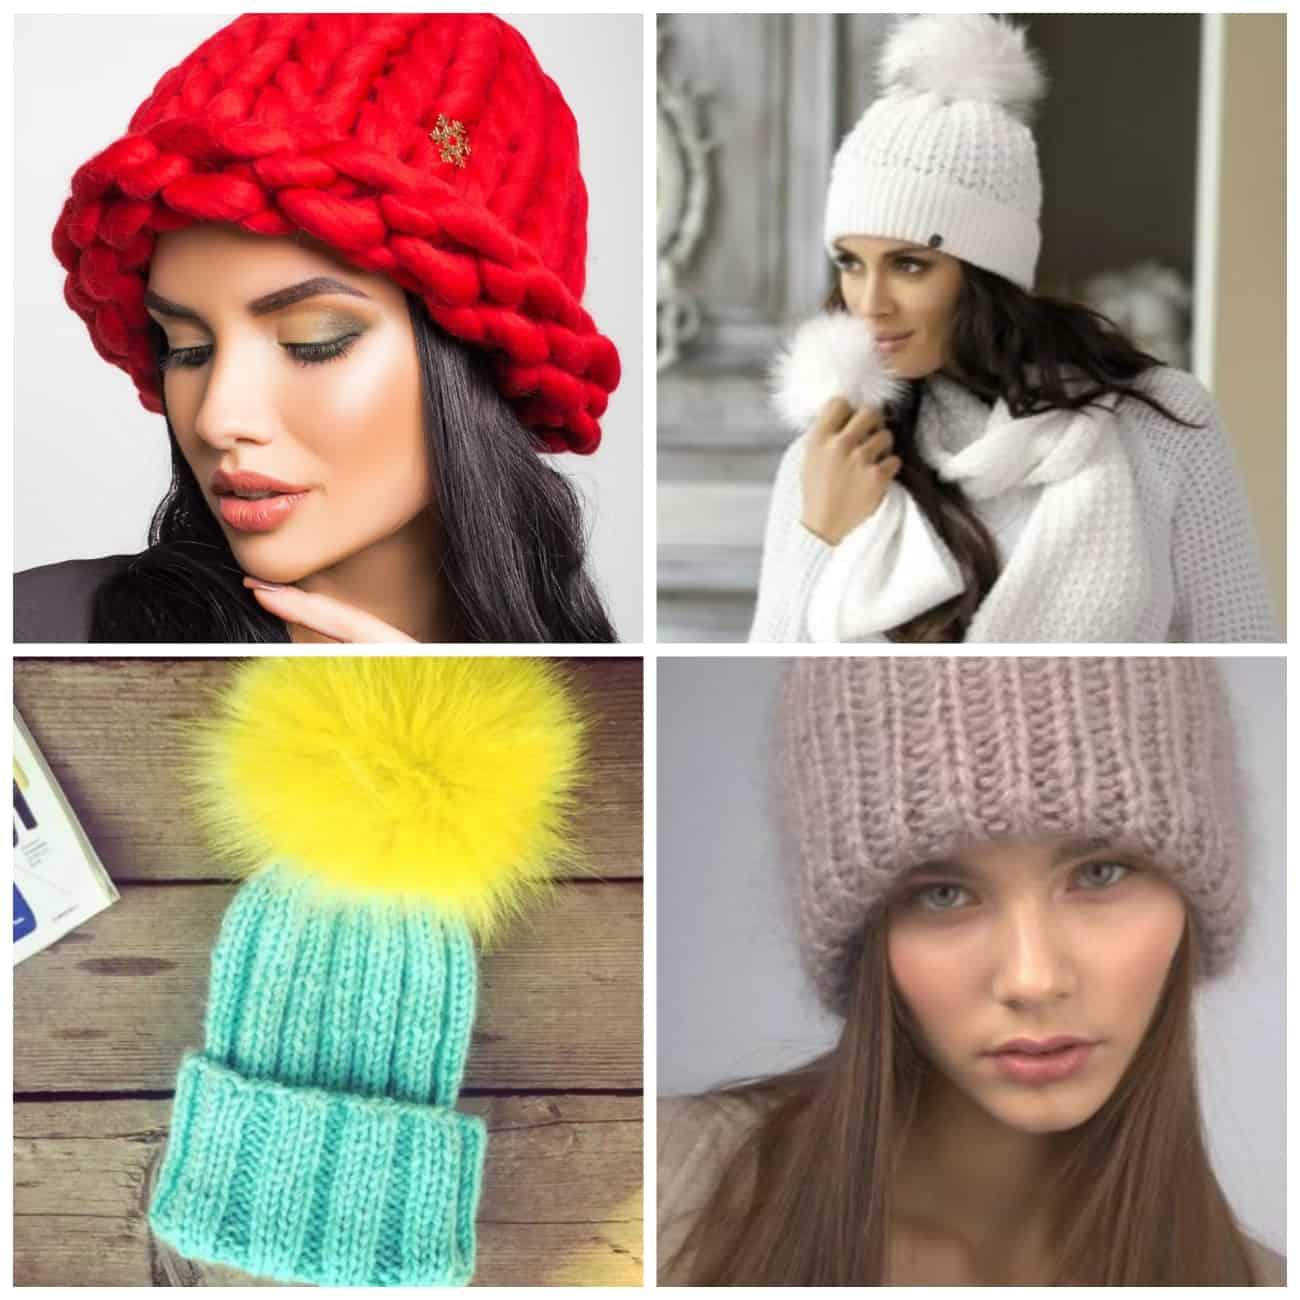 цвет шапки каким должен быть